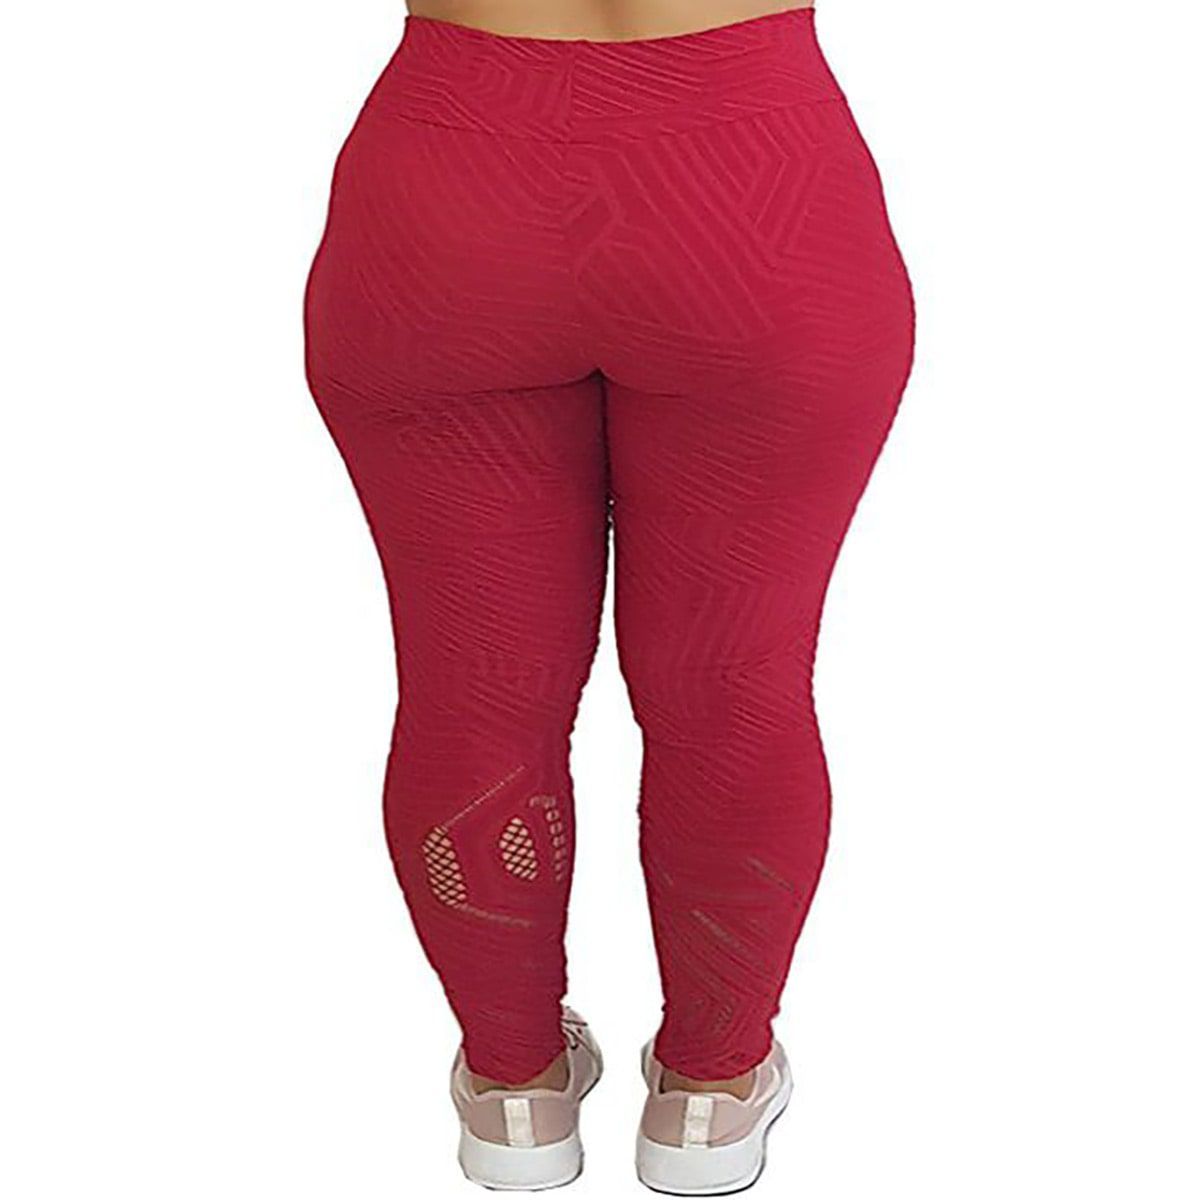 Calça Legging com Cós Alto e Detalhe Vazado na Perna Jacquard Vermelho